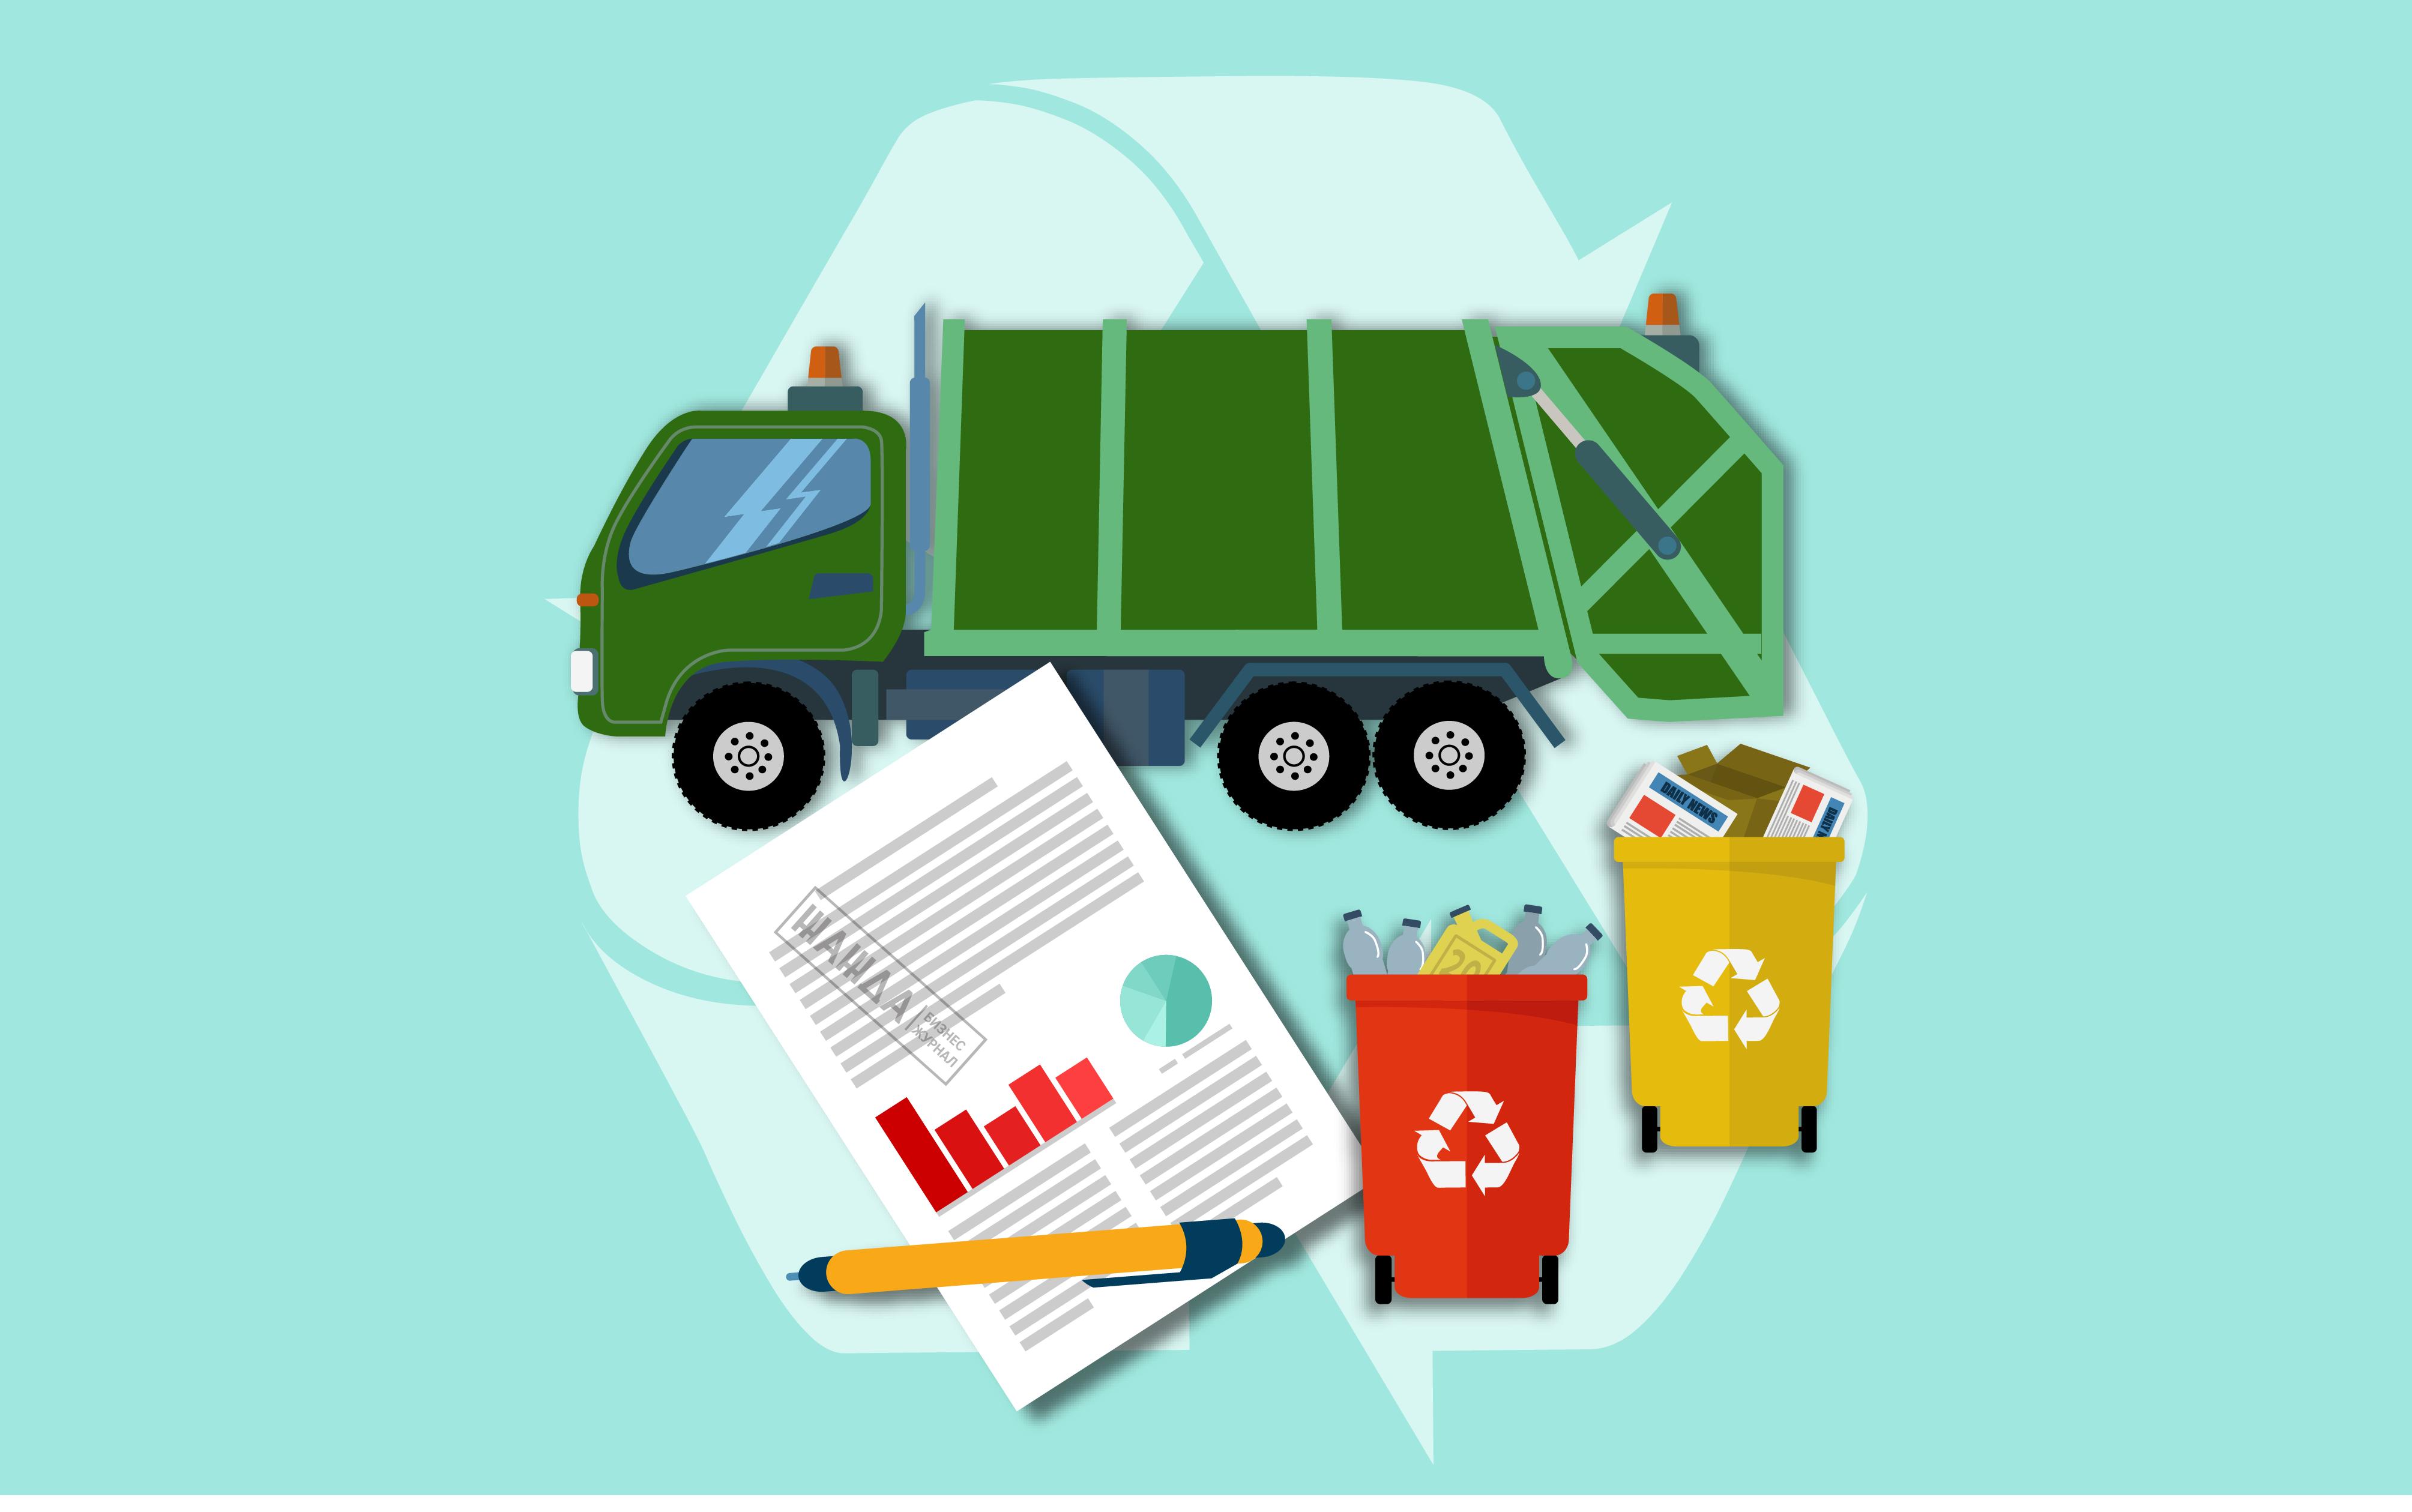 Бизнес план уборки мусора семь идей бизнеса